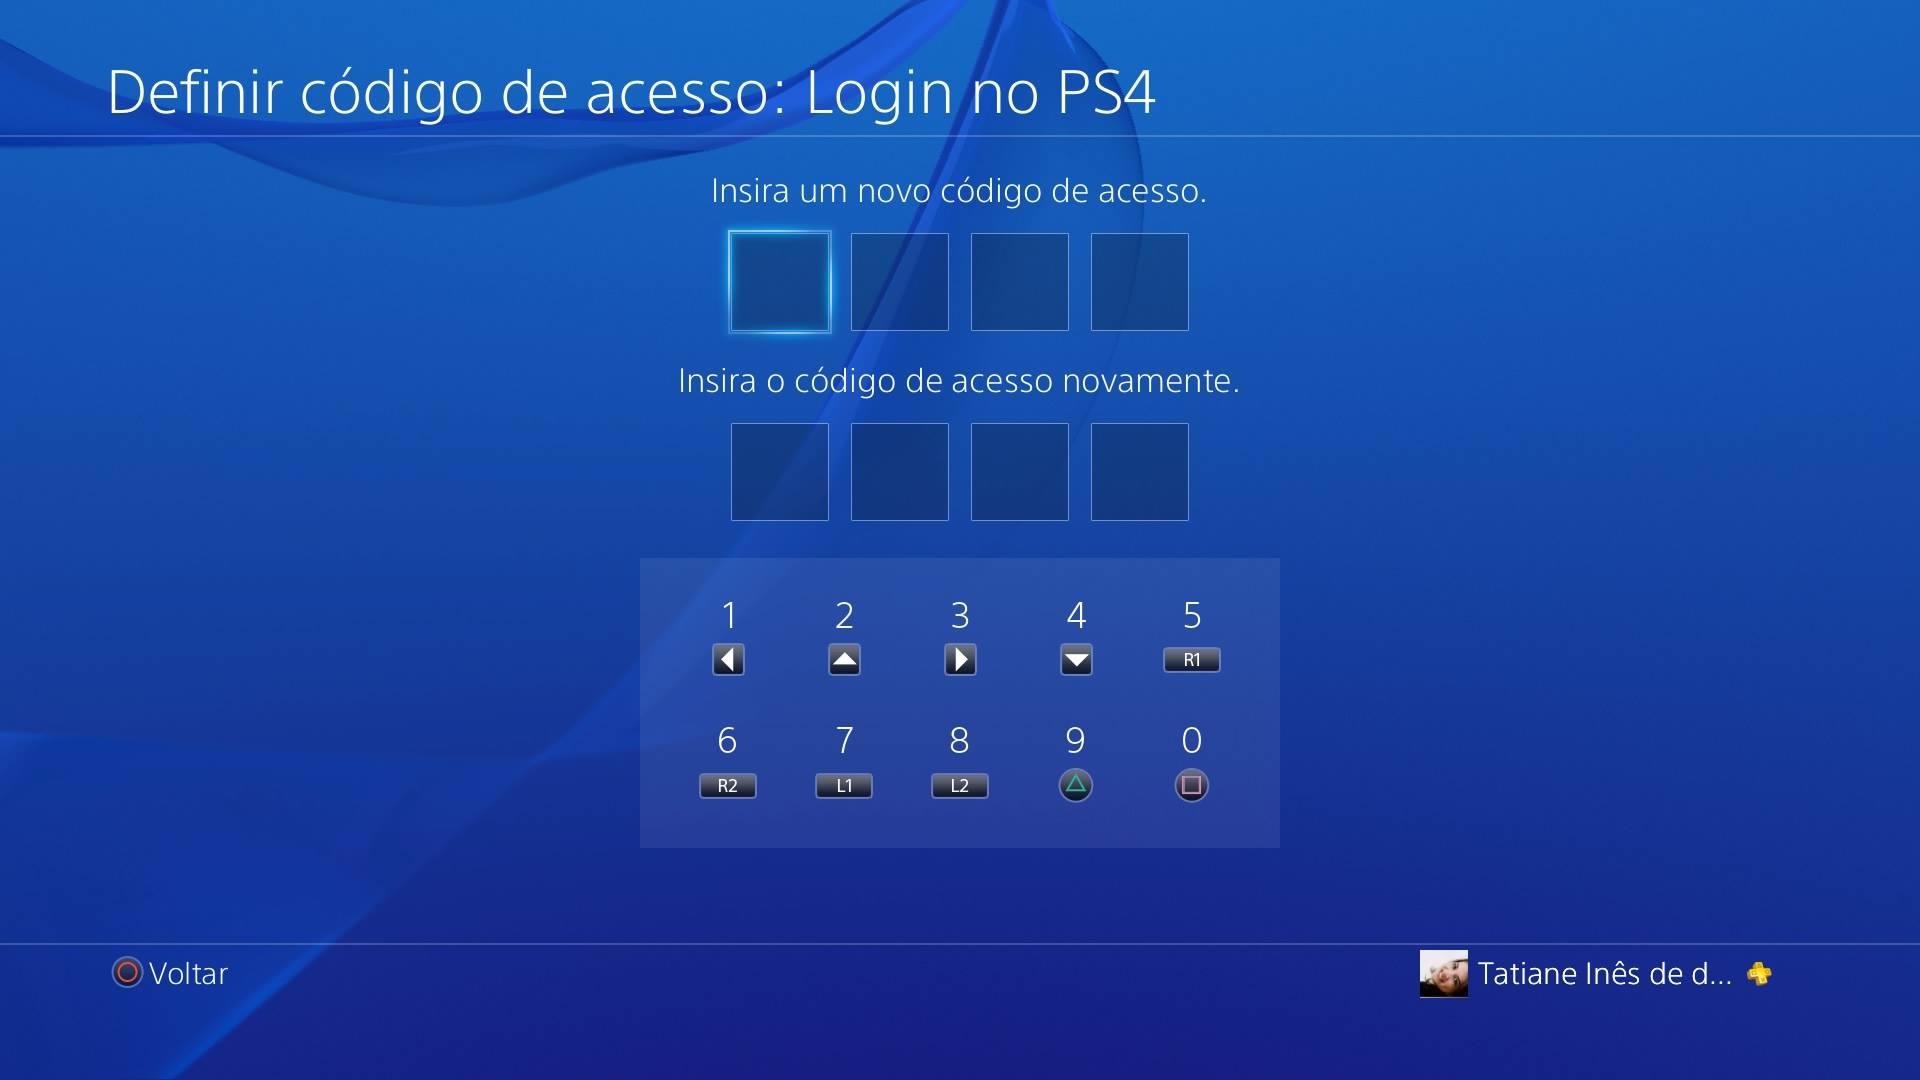 Código de acesso PS4